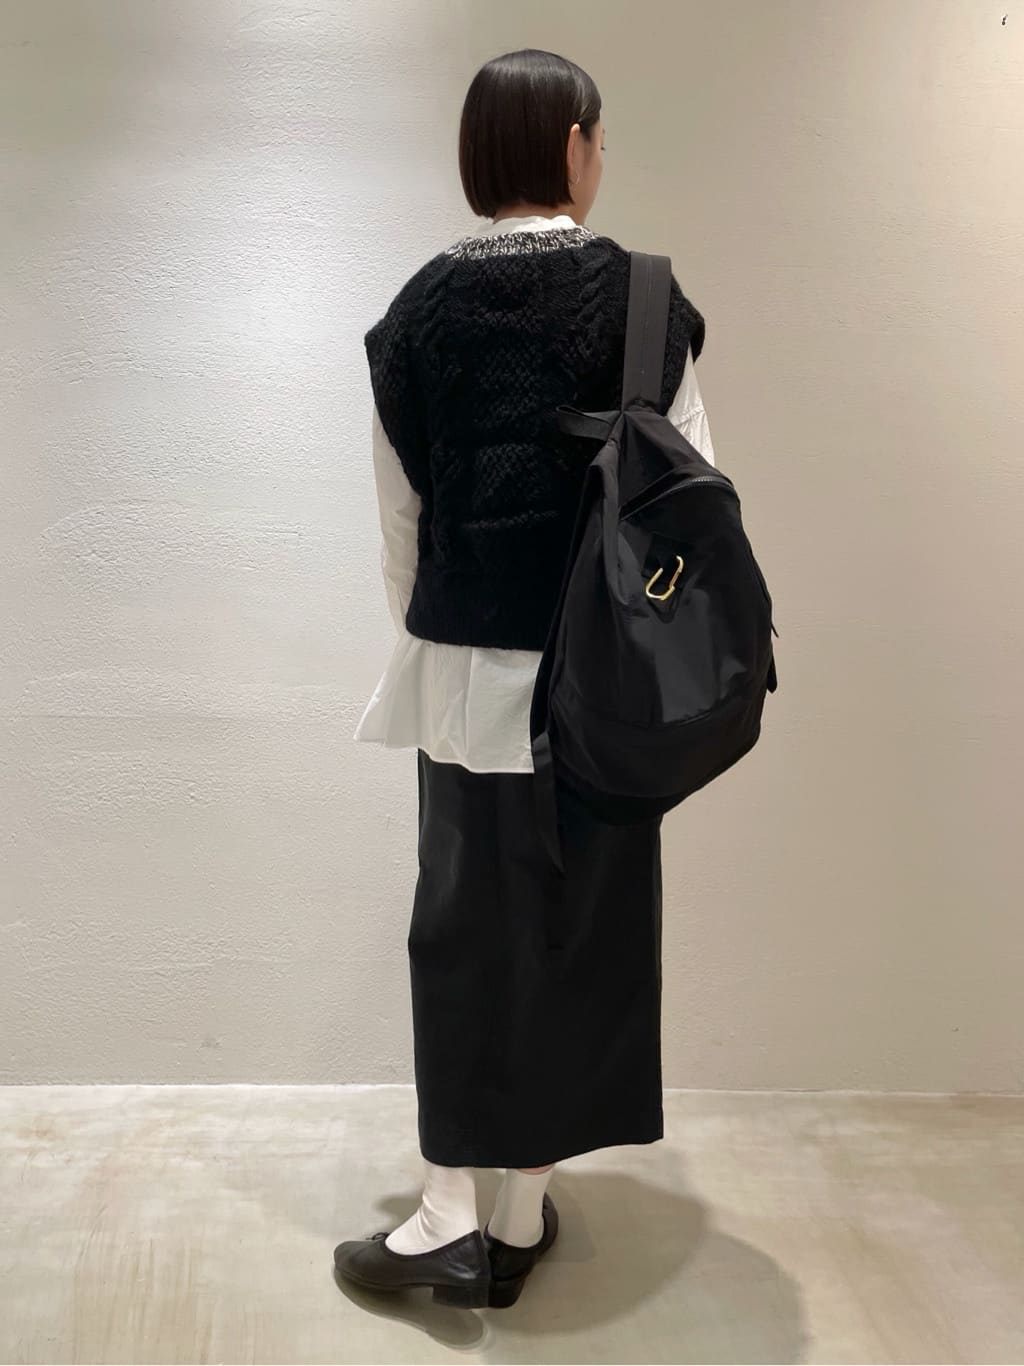 yuni ニュウマン横浜 身長:166cm 2021.09.07